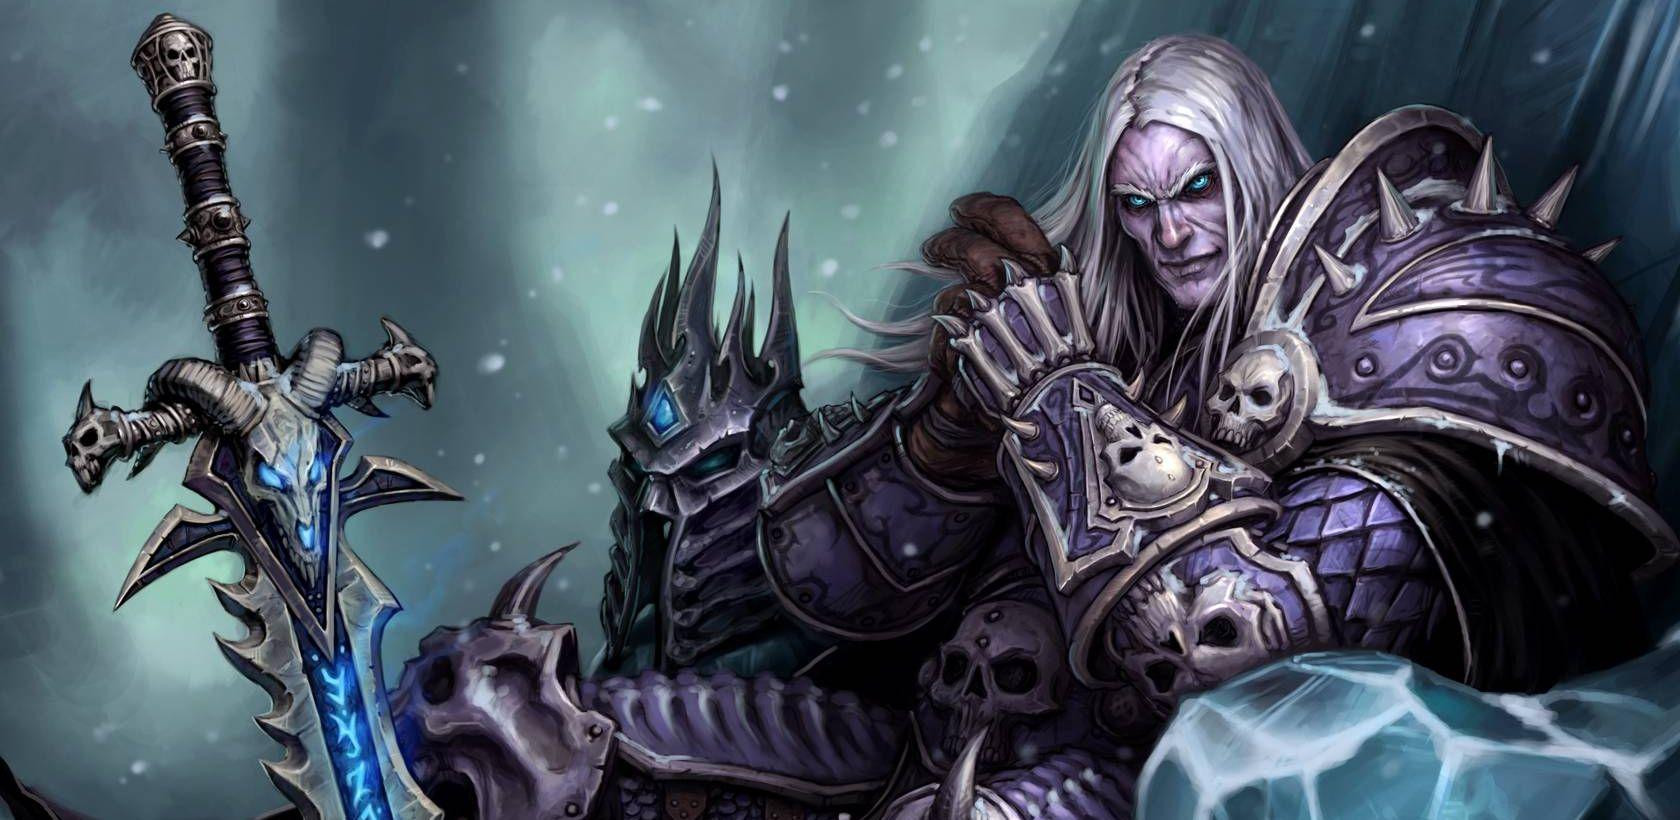 Das sind die 7 größten MMORPGs auf Twitch im Jahr 2019